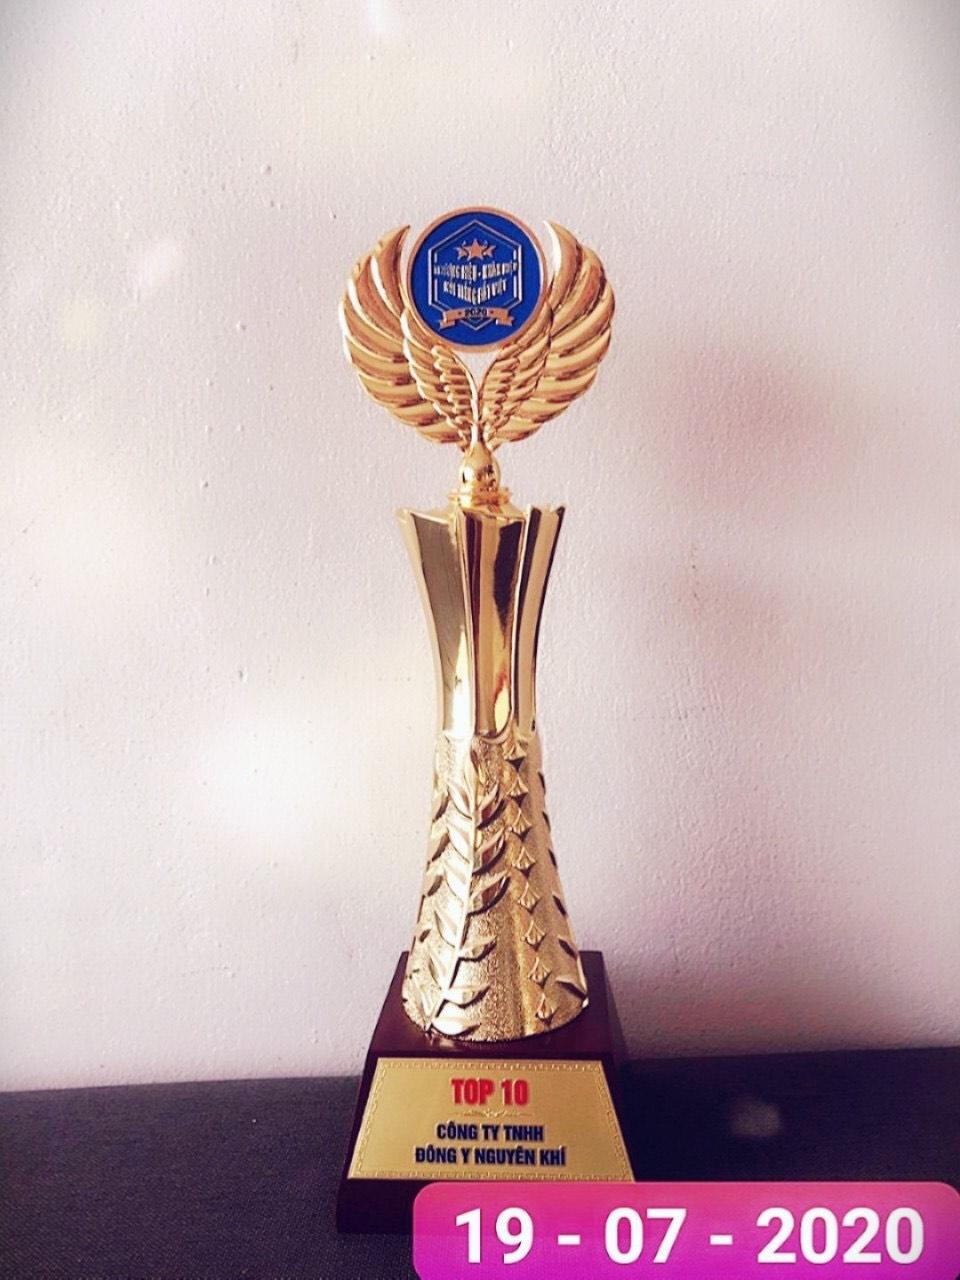 Vinh danh thương hiệu Đông y Nguyên Khí tại lễ trao giải Thương hiệu – Nhãn hiệu nổi tiếng Đất Việt và Nhà lãnh đạo doanh nghiệp xuất sắc 2020 - Ảnh 3